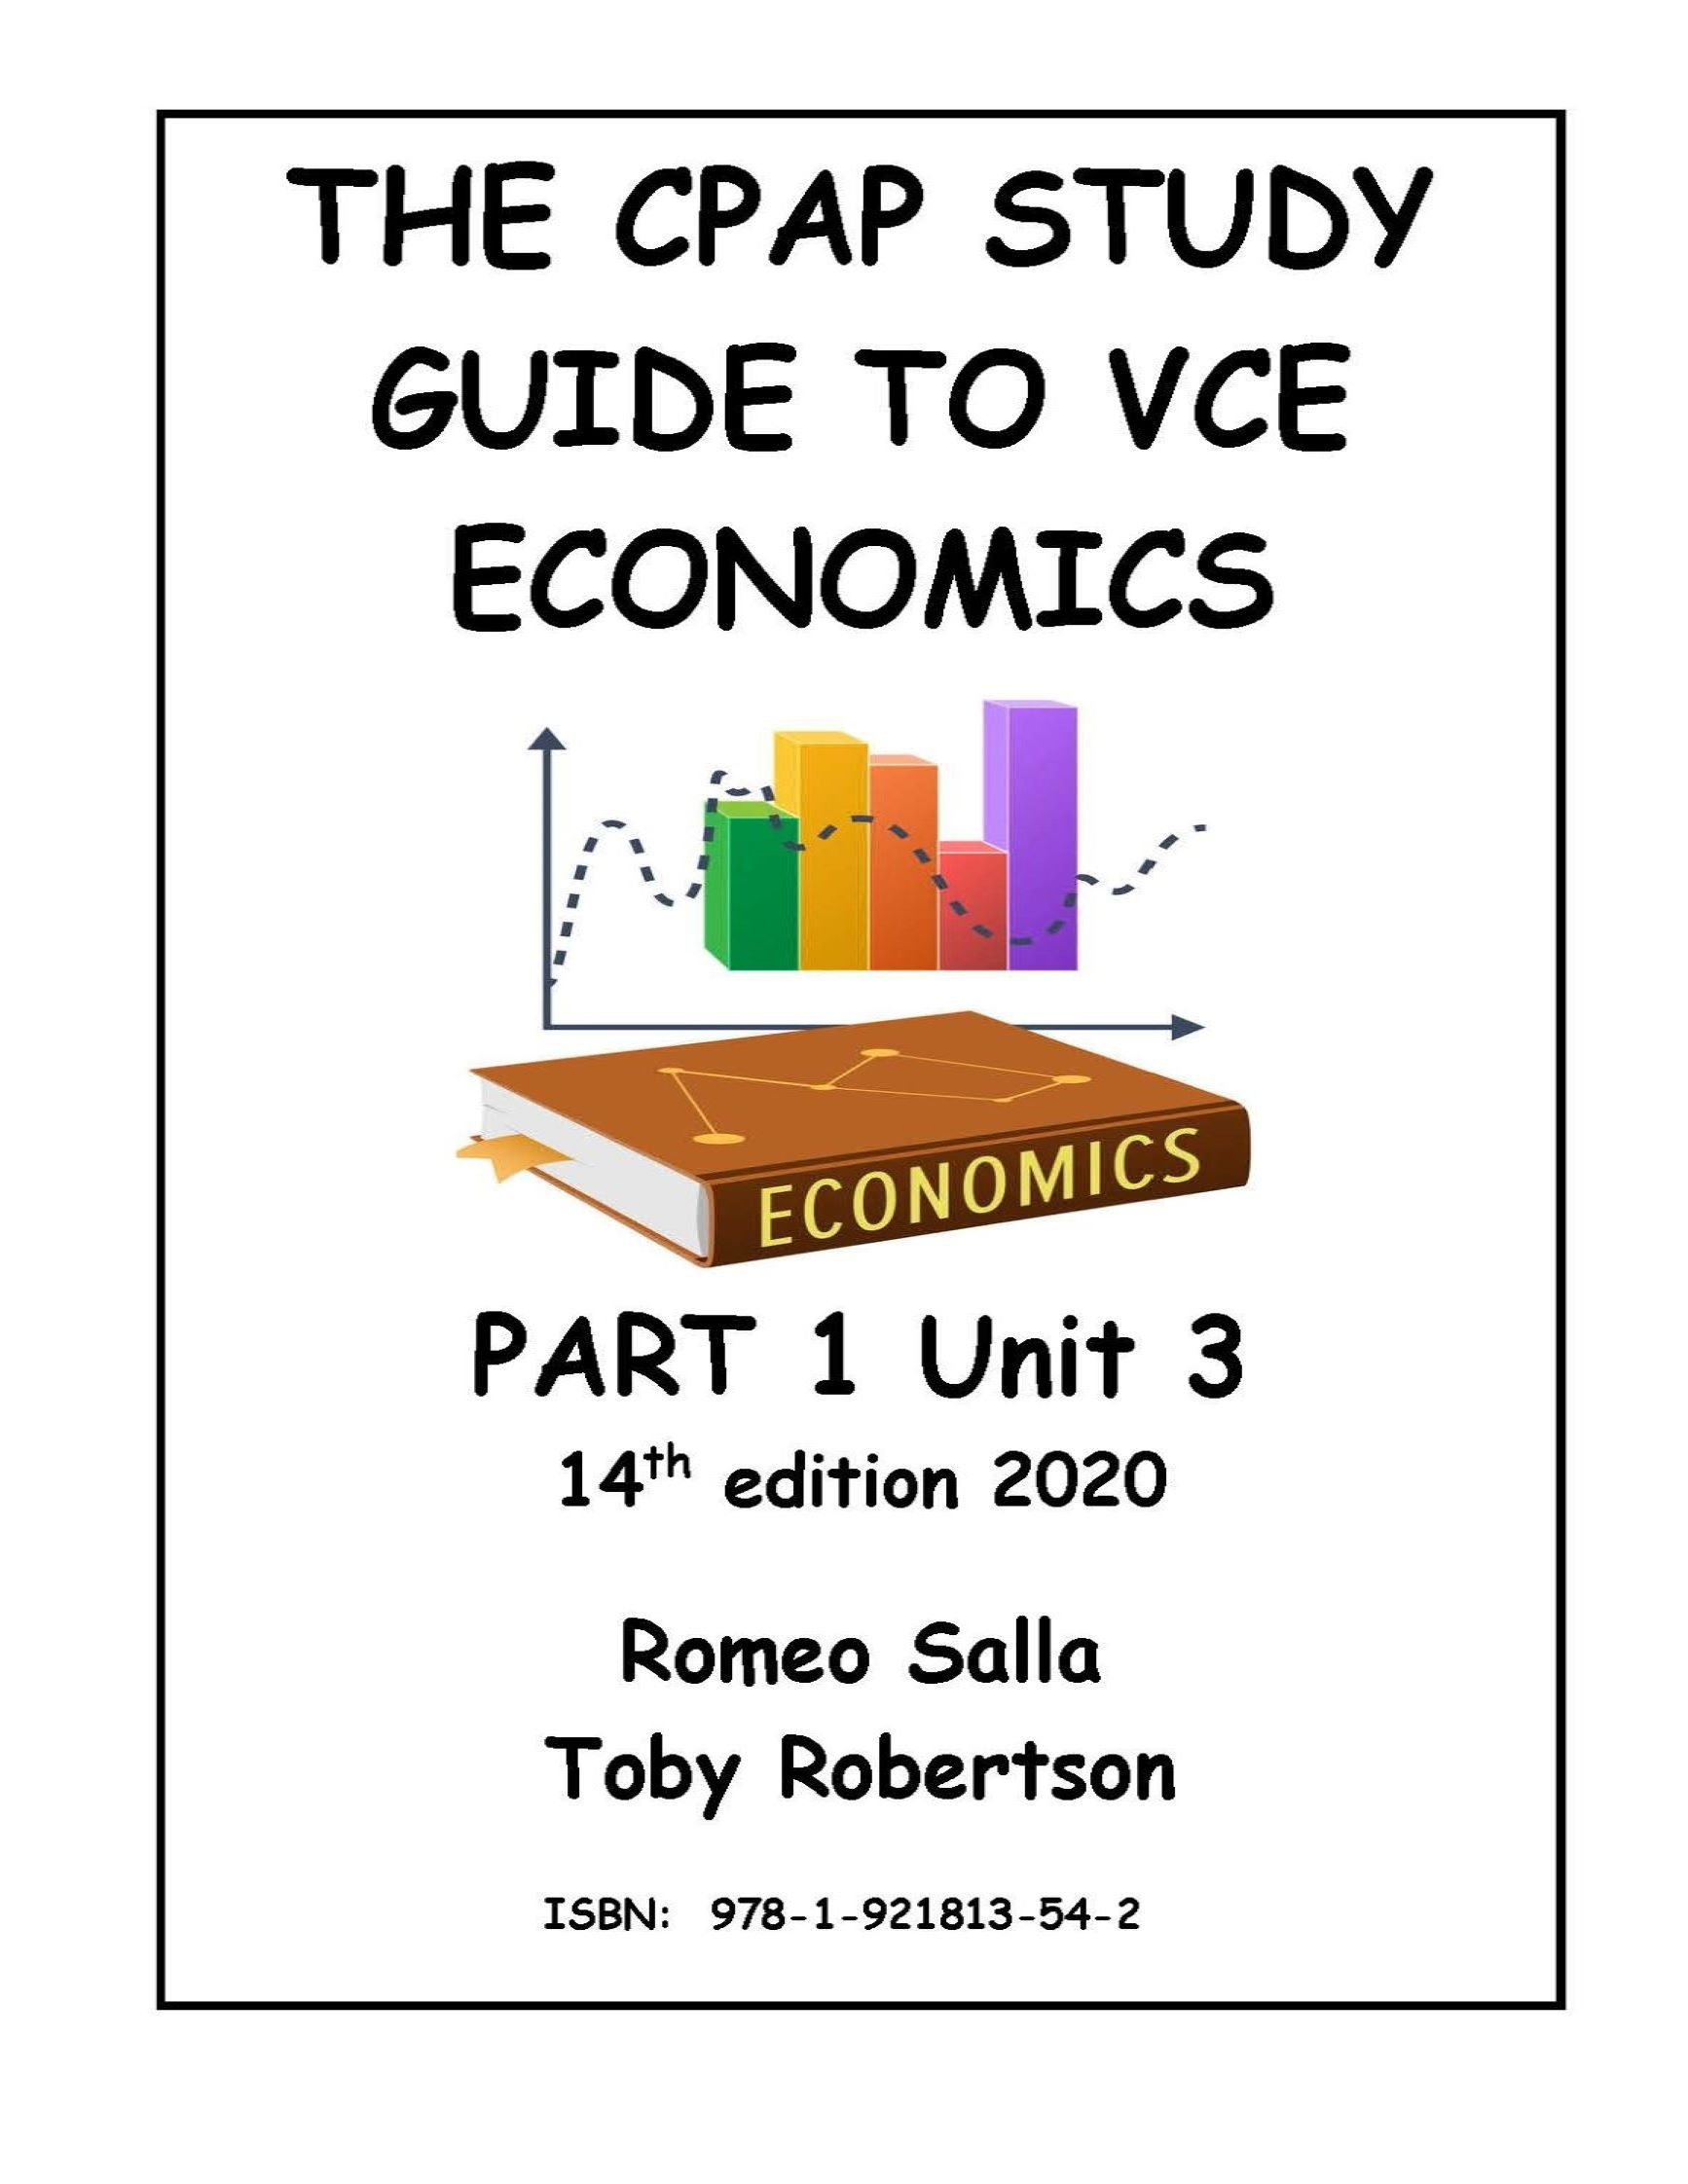 The CPAP Economics Study Guide 2020 part 1